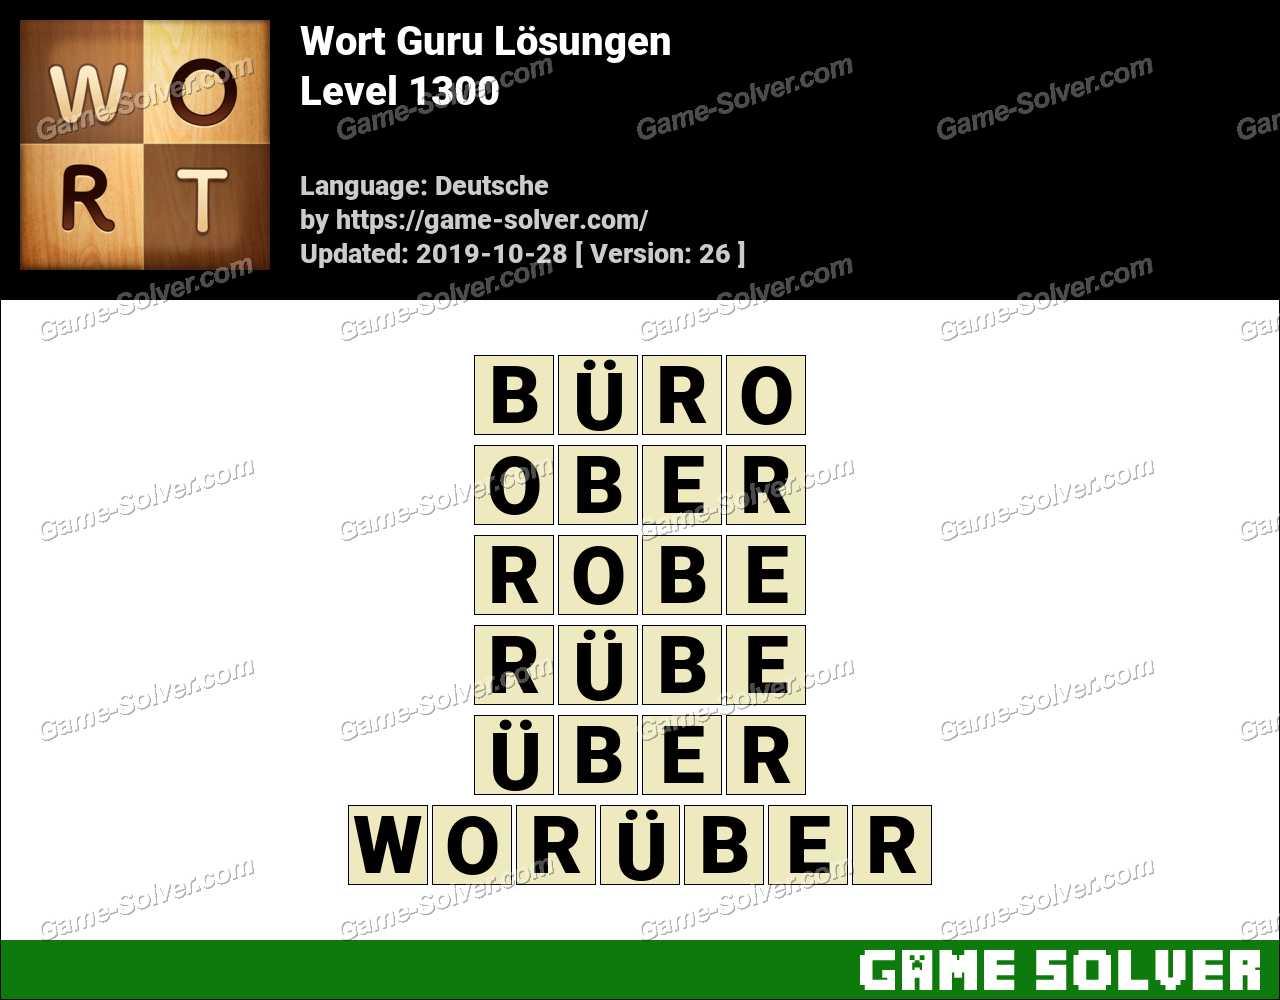 Wort Guru Level 1300 Lösungen